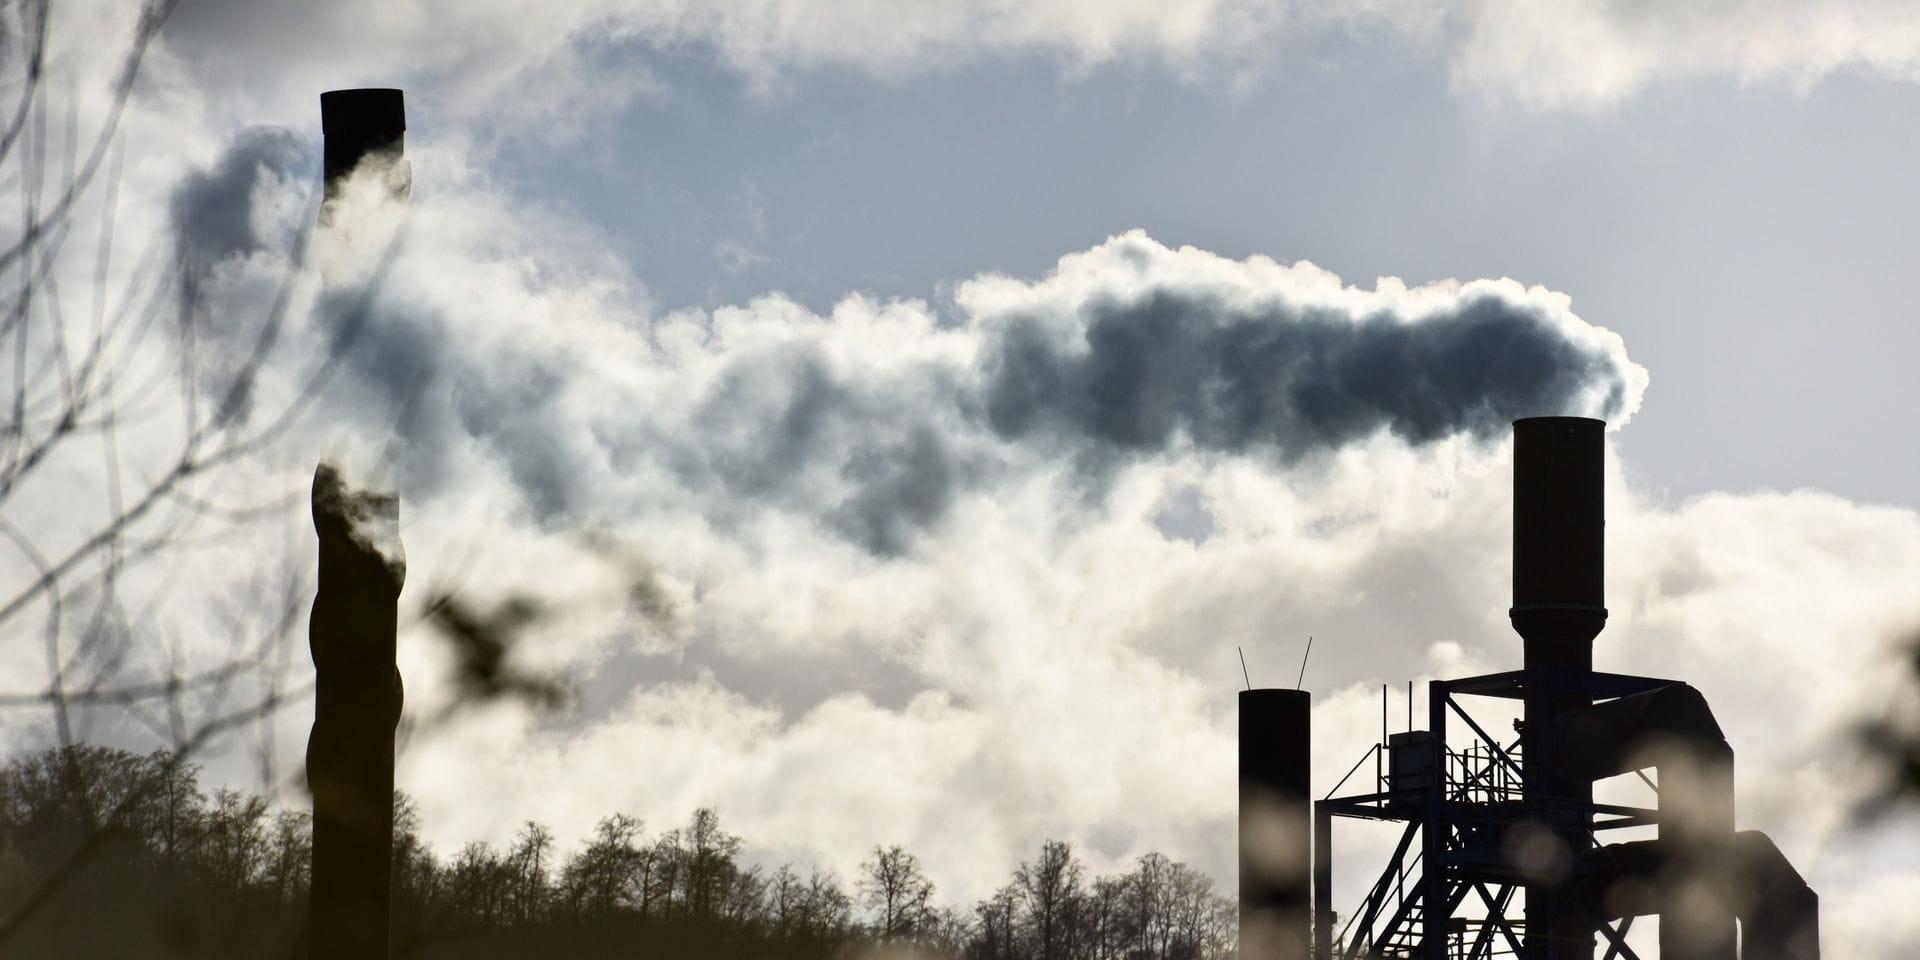 """Réchauffement climatique : beaucoup de paroles, mais peu d'actions. L'Onu sonne """"l'alerte rouge"""""""